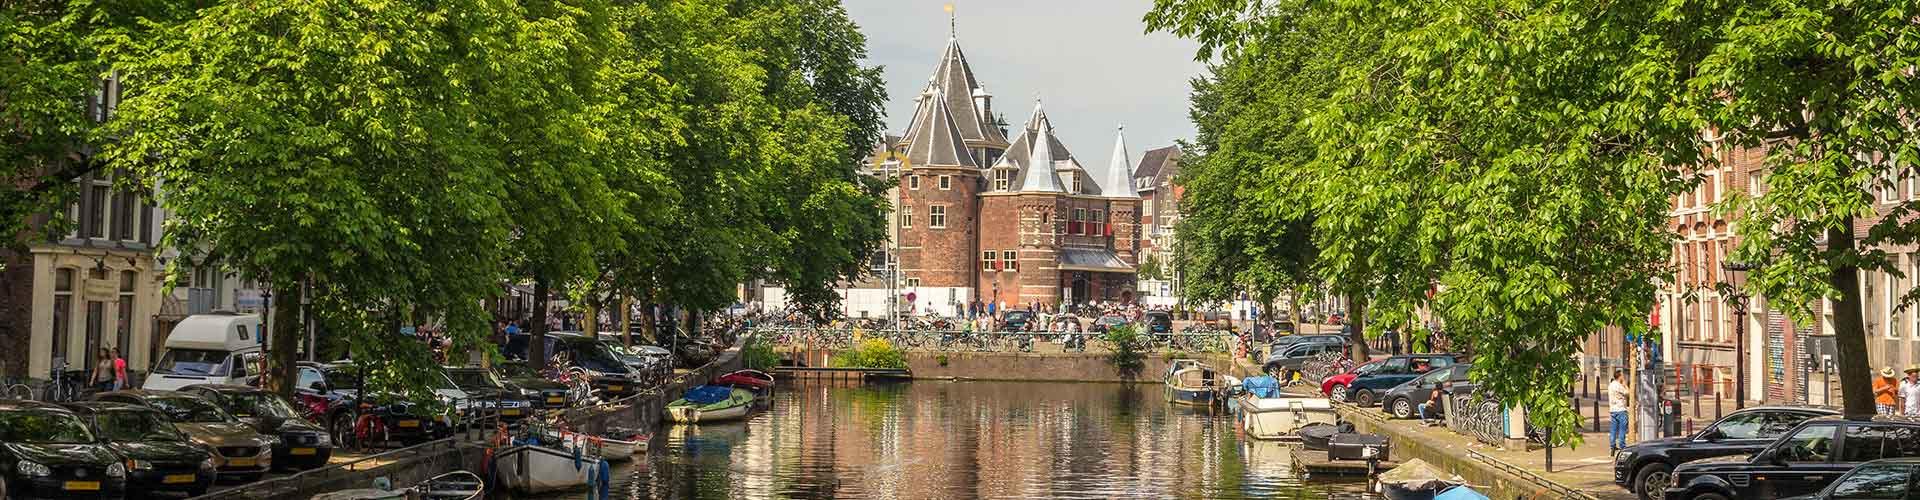 Amsterdam - Auberges de jeunesse près de Weigh House. Cartes pour Amsterdam, photos et commentaires pour chaque auberge de jeunesse à Amsterdam.